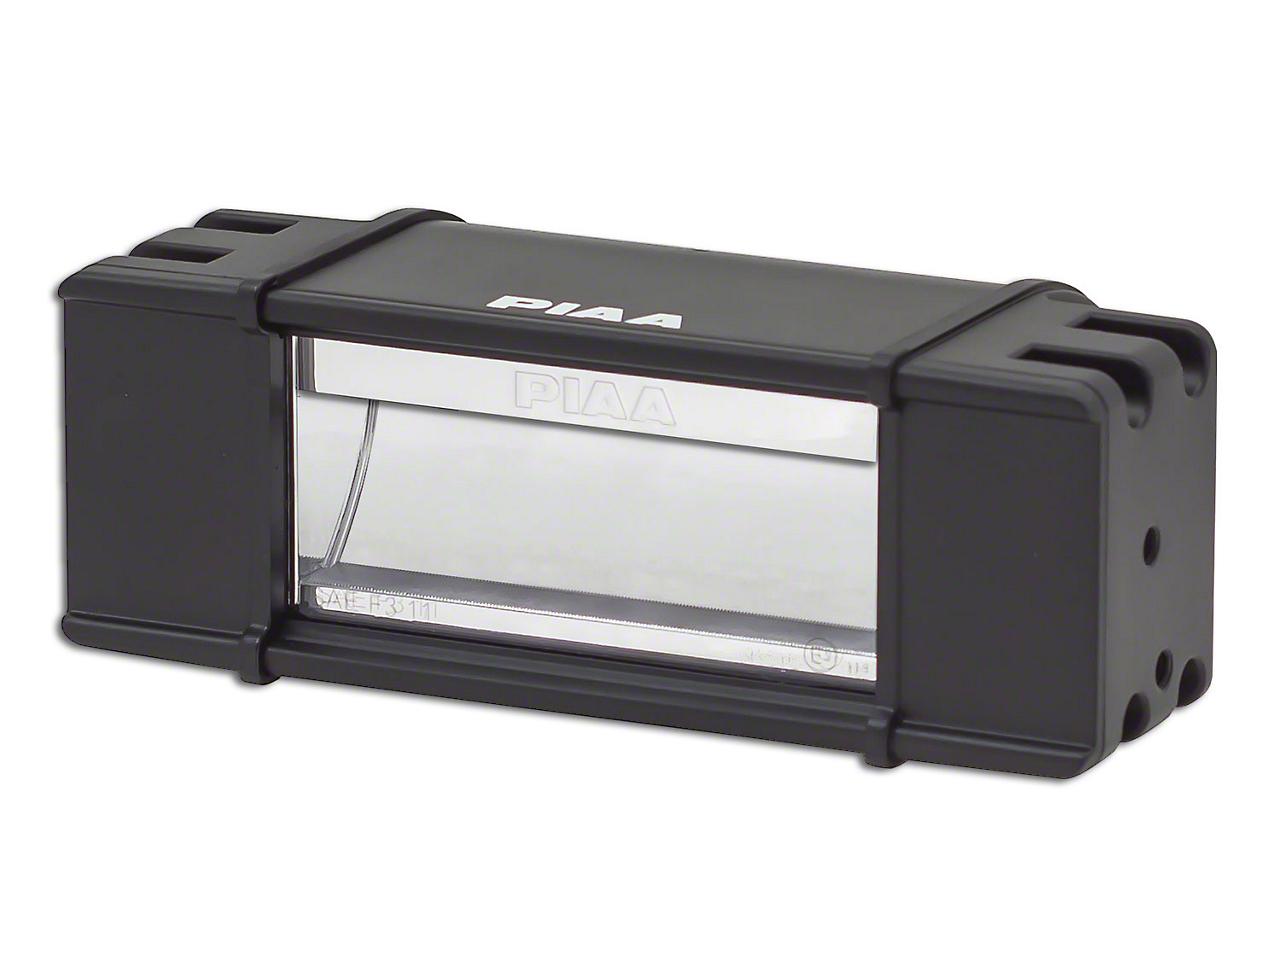 PIAA 6 in. RF Series LED Light Bar - Fog Beam (97-18 All)